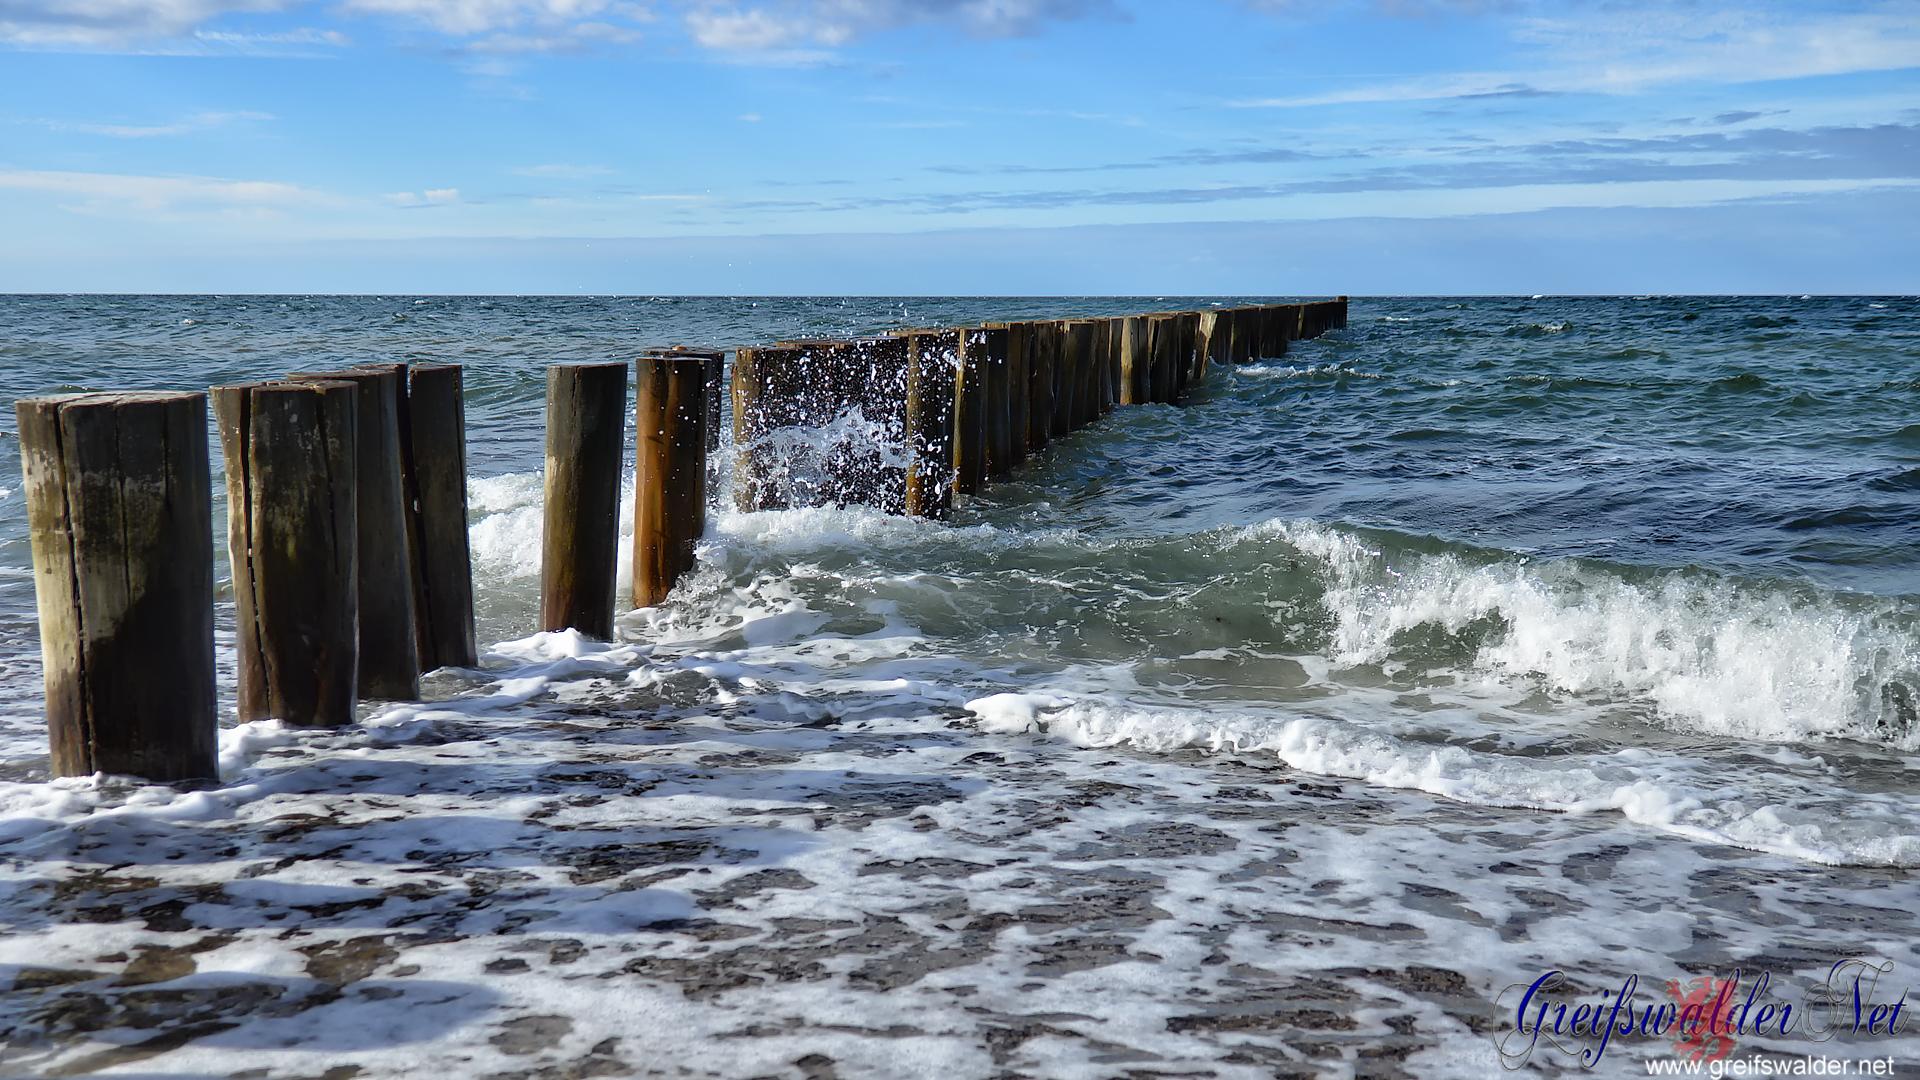 Buhne in der Ostsee bändigt die Wellen